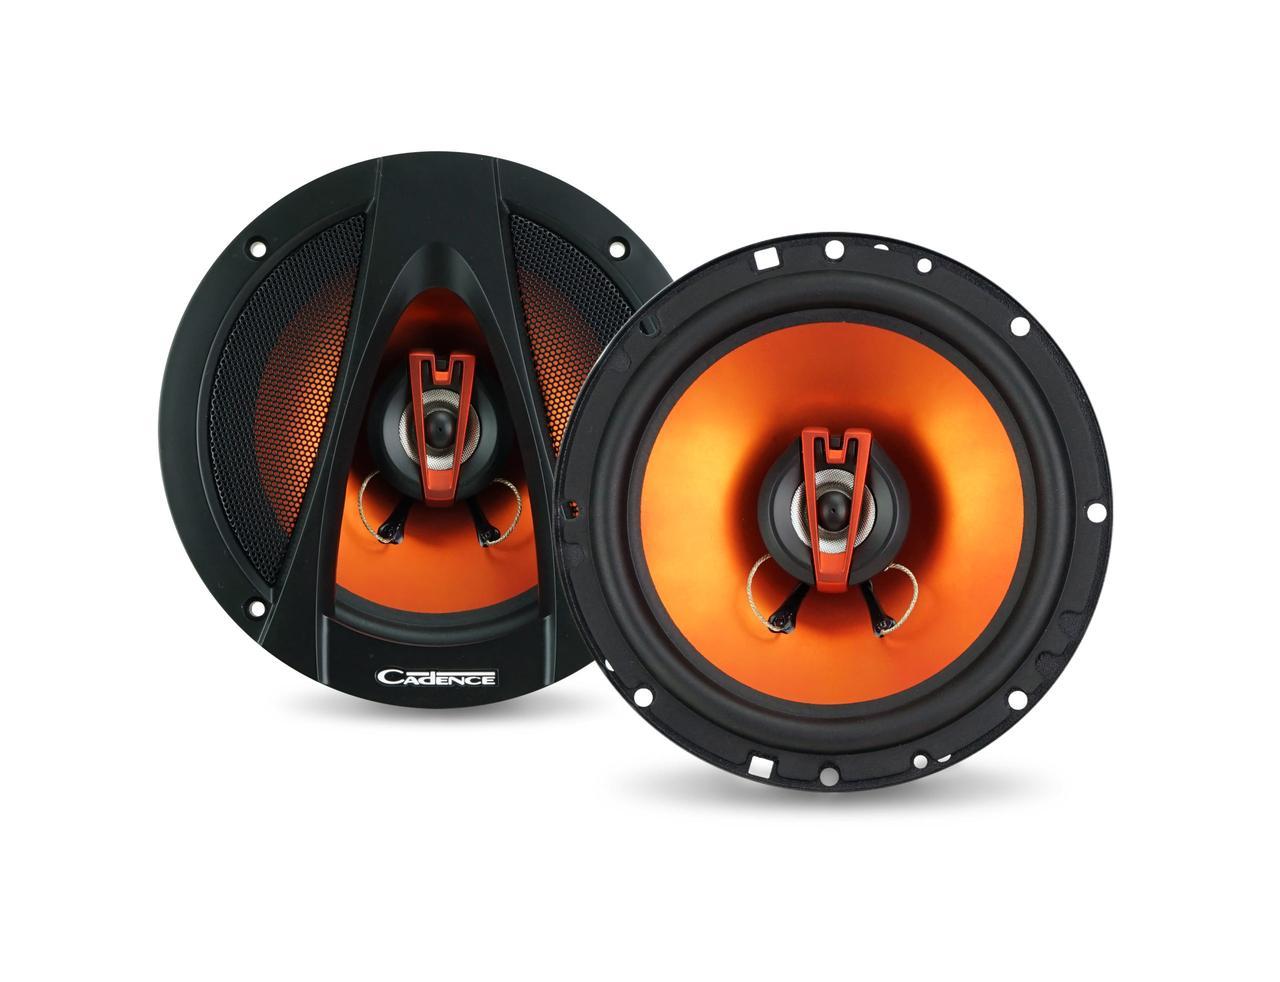 """Автомобільна акустика Cadence Q 652 Коаксіальна 16.51 см (6,5"""")"""